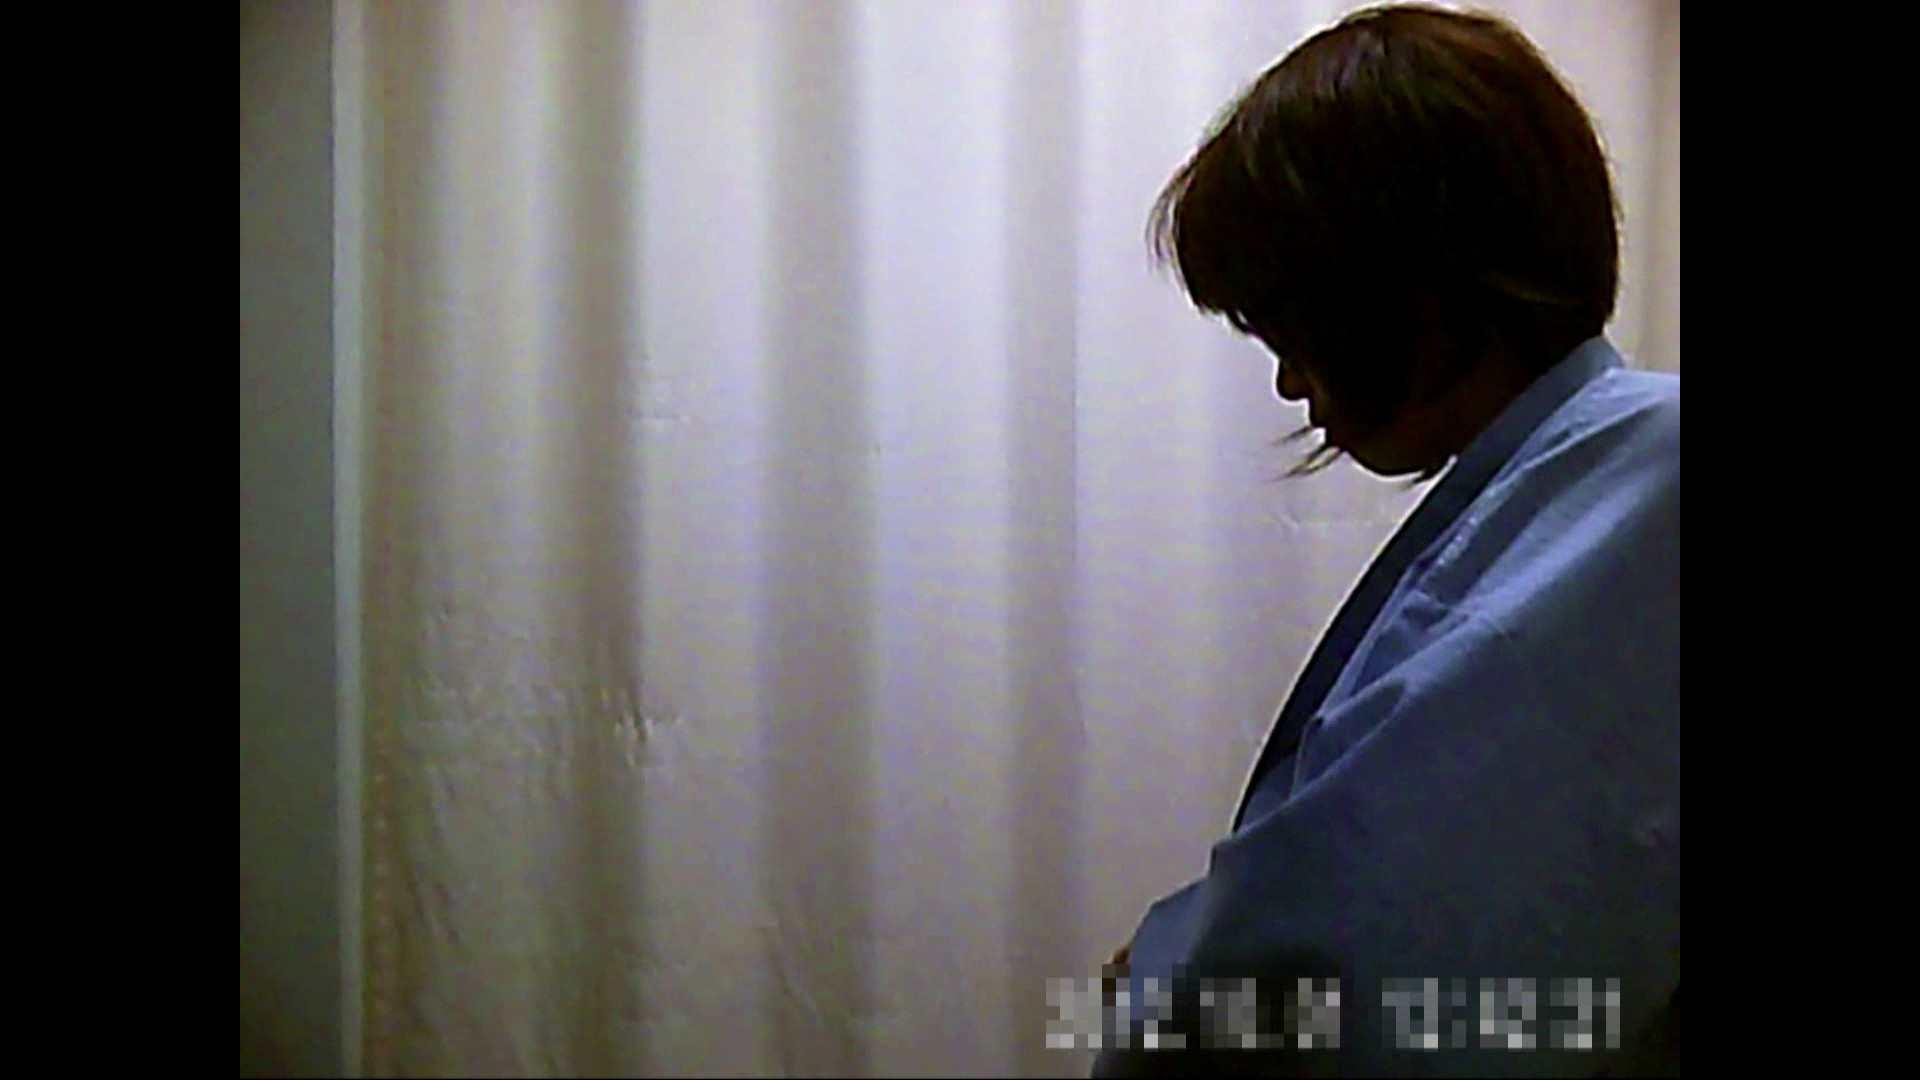 病院おもいっきり着替え! vol.226 貧乳編 盗撮動画紹介 95画像 23